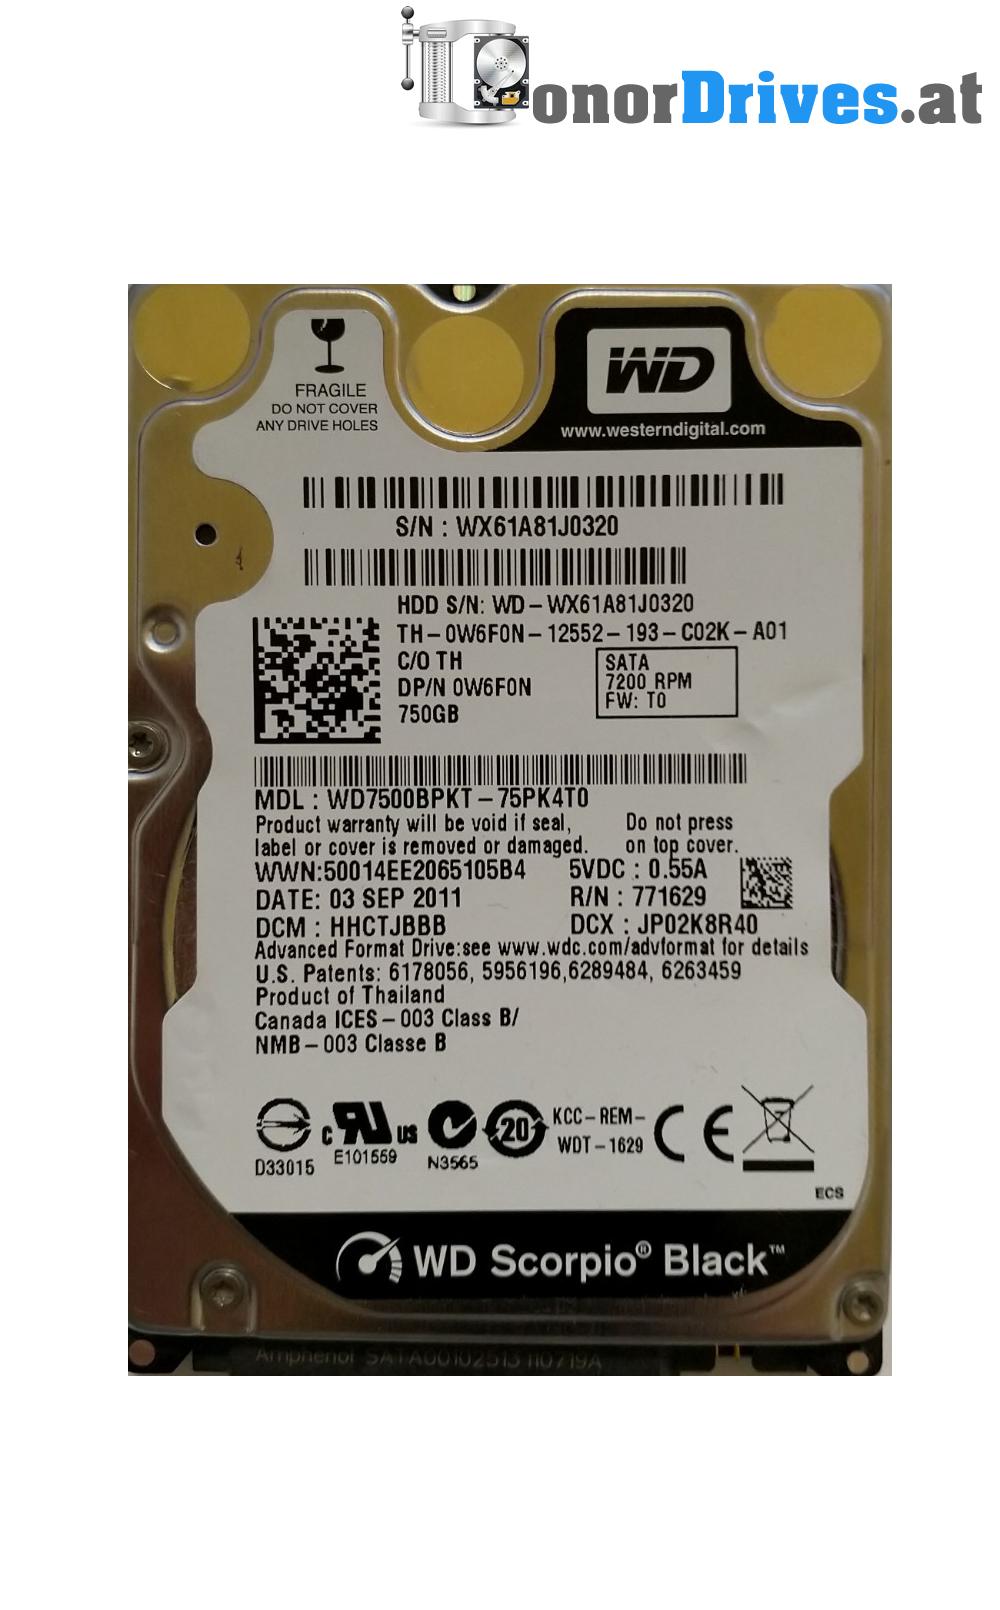 WDC WD7500BPKT-75PK4T0 DRIVERS PC